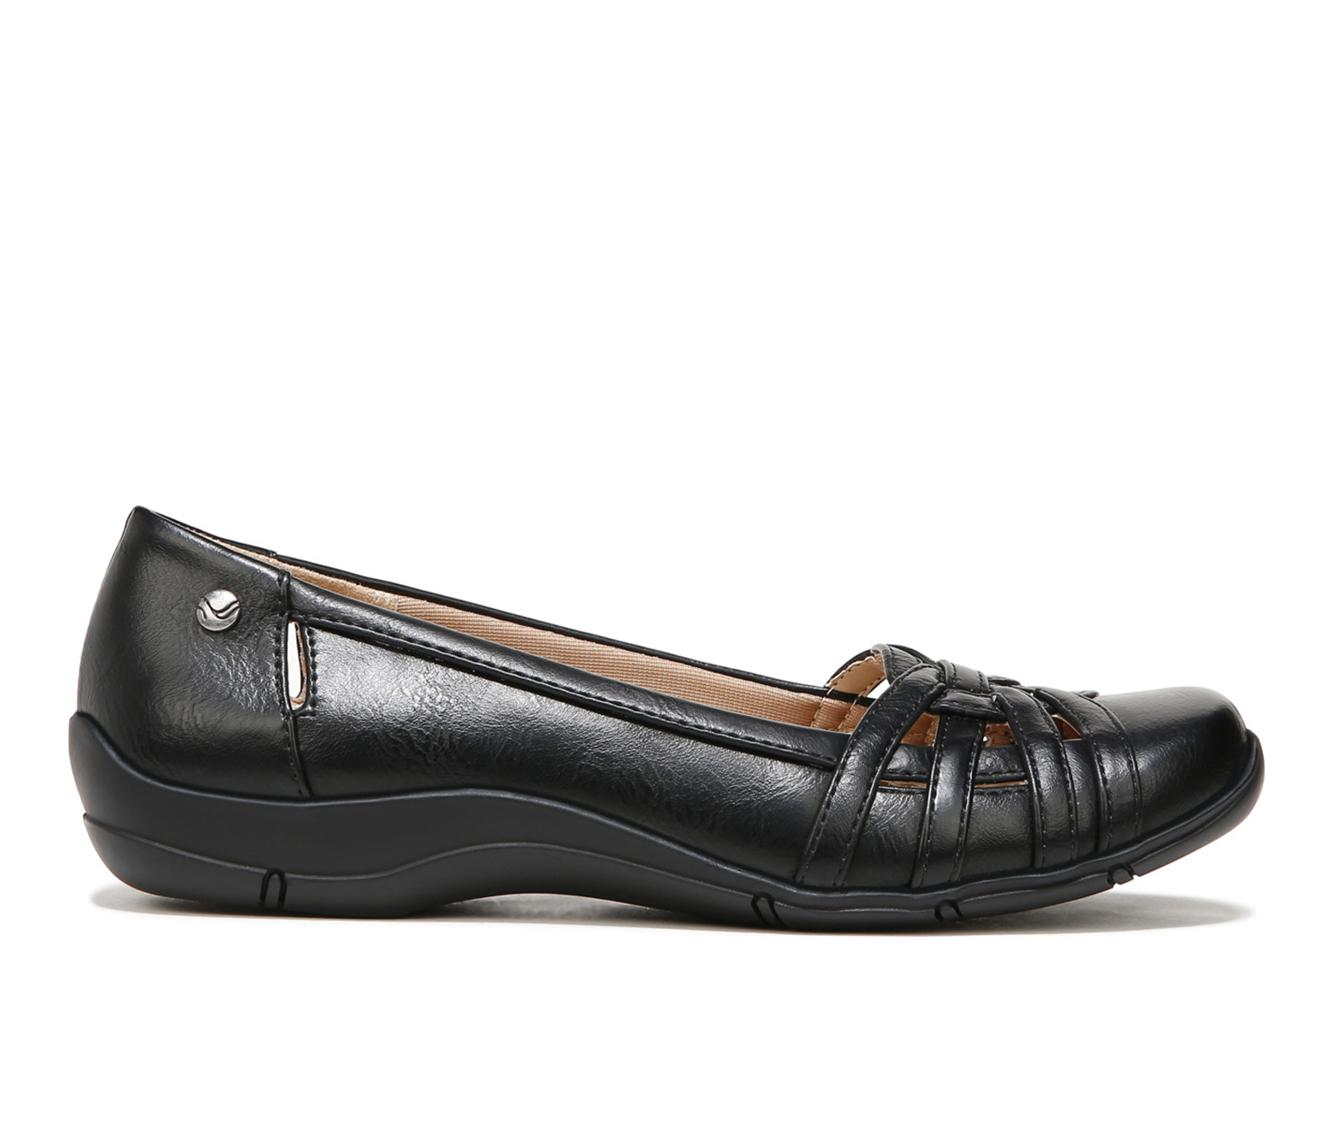 LifeStride Diverse Women's Shoe (Black Faux Leather)